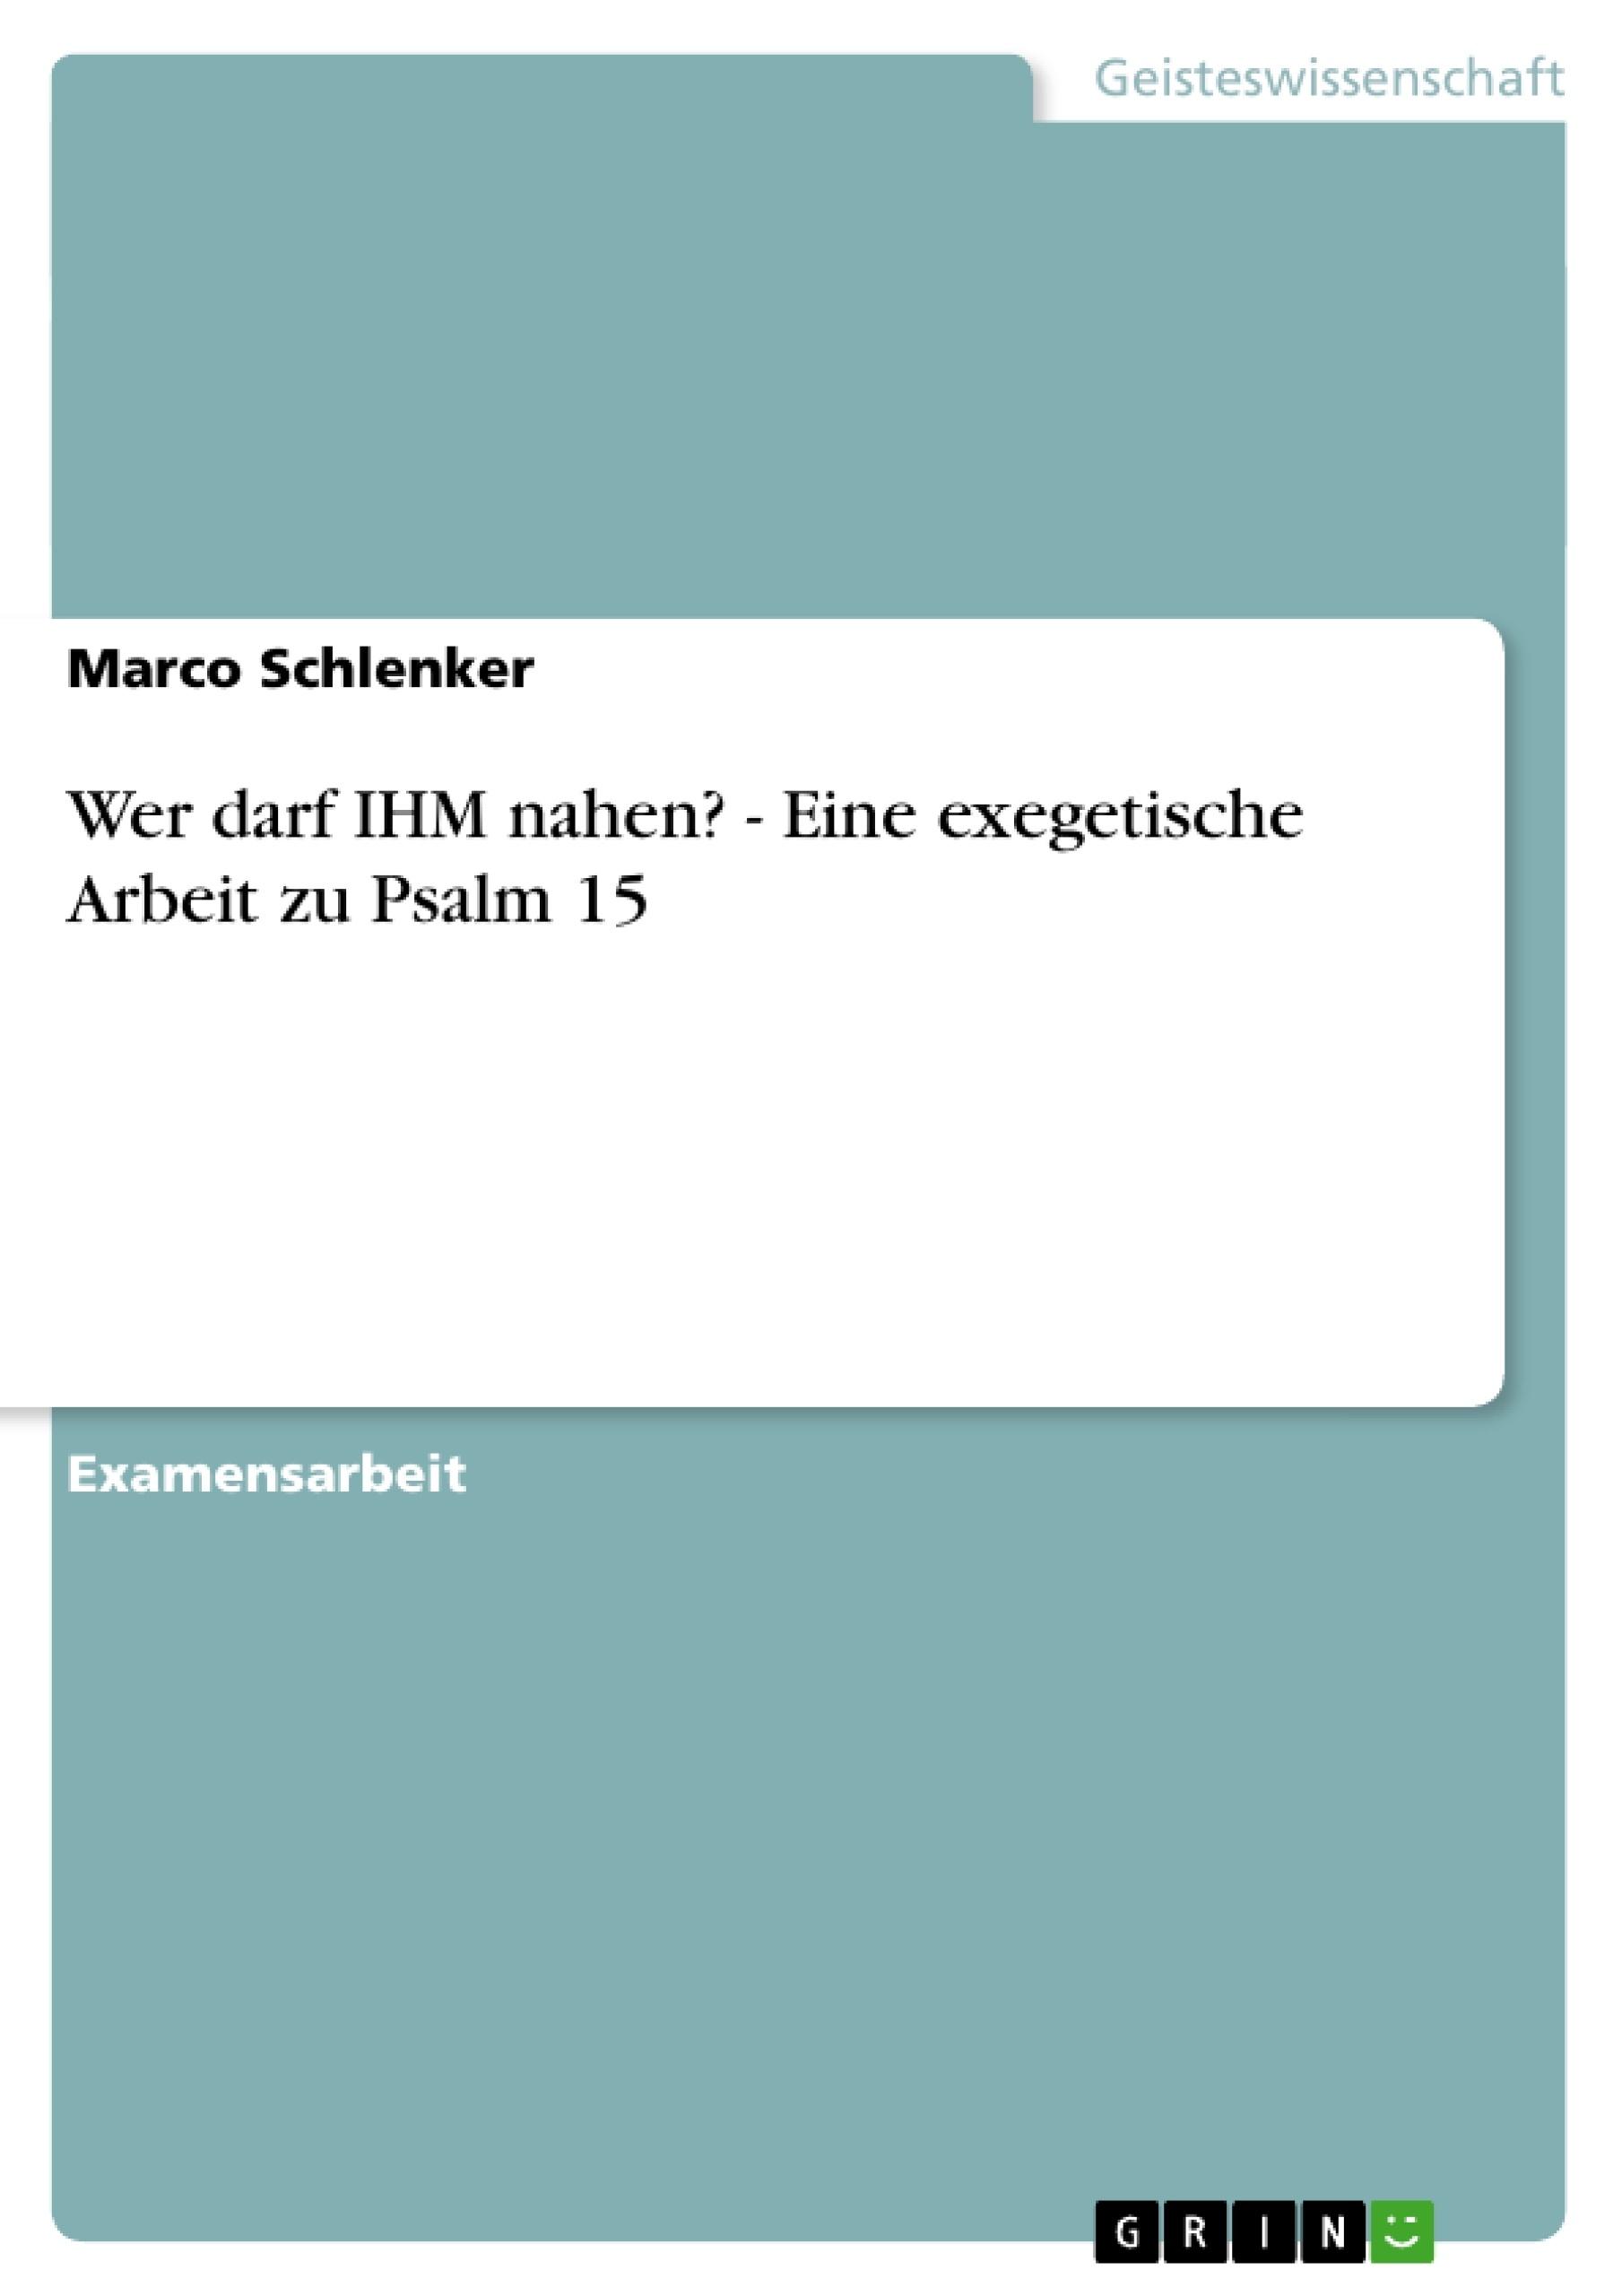 Titel: Wer darf IHM nahen? - Eine exegetische Arbeit zu Psalm 15